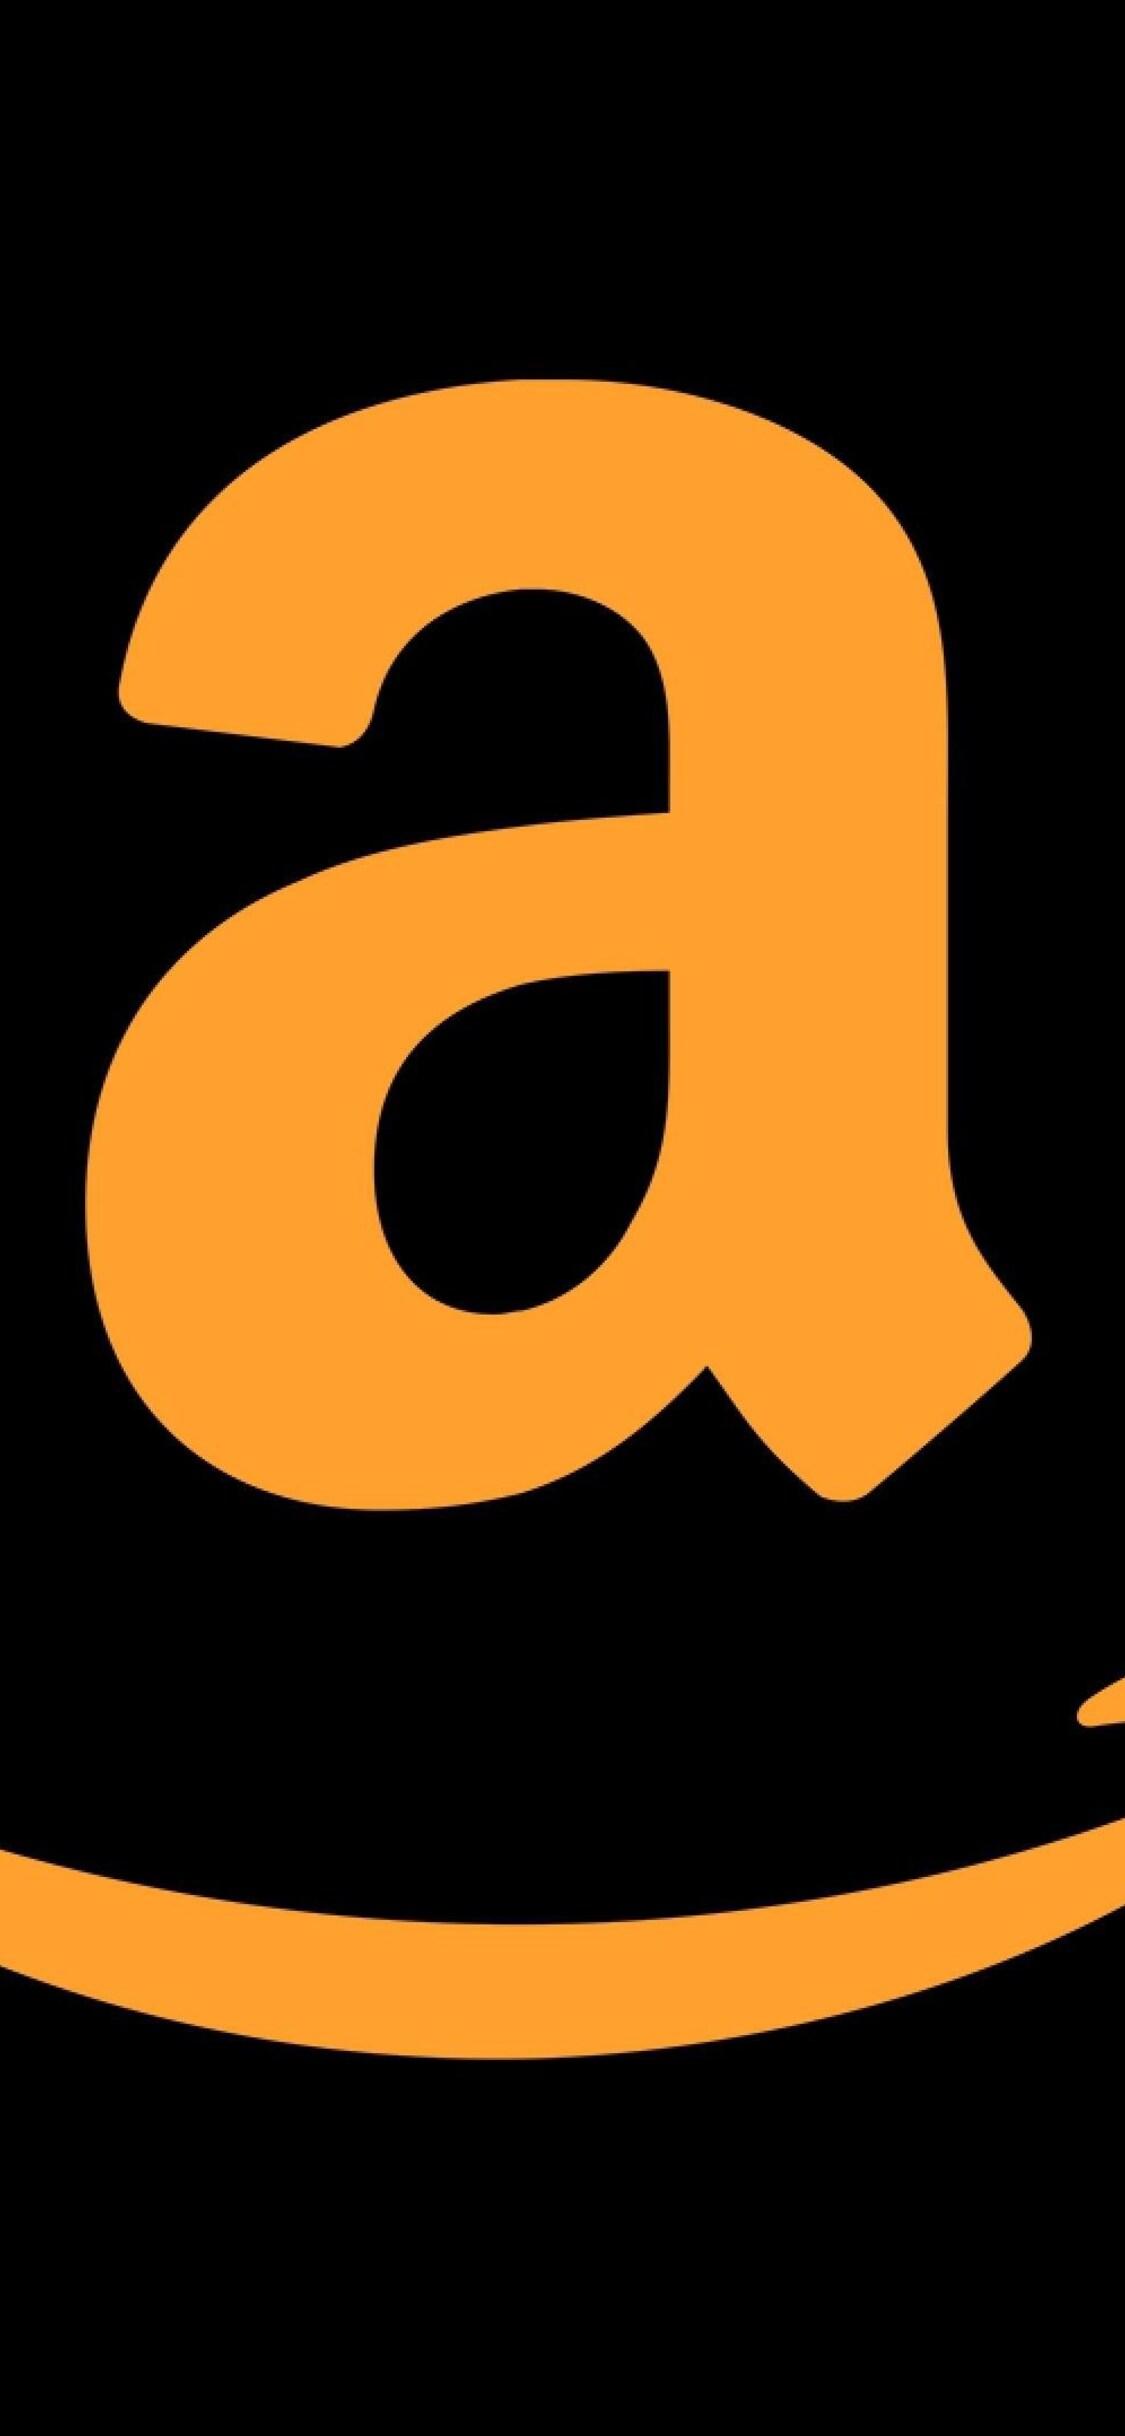 amazon-4k-logo-qhd.jpg